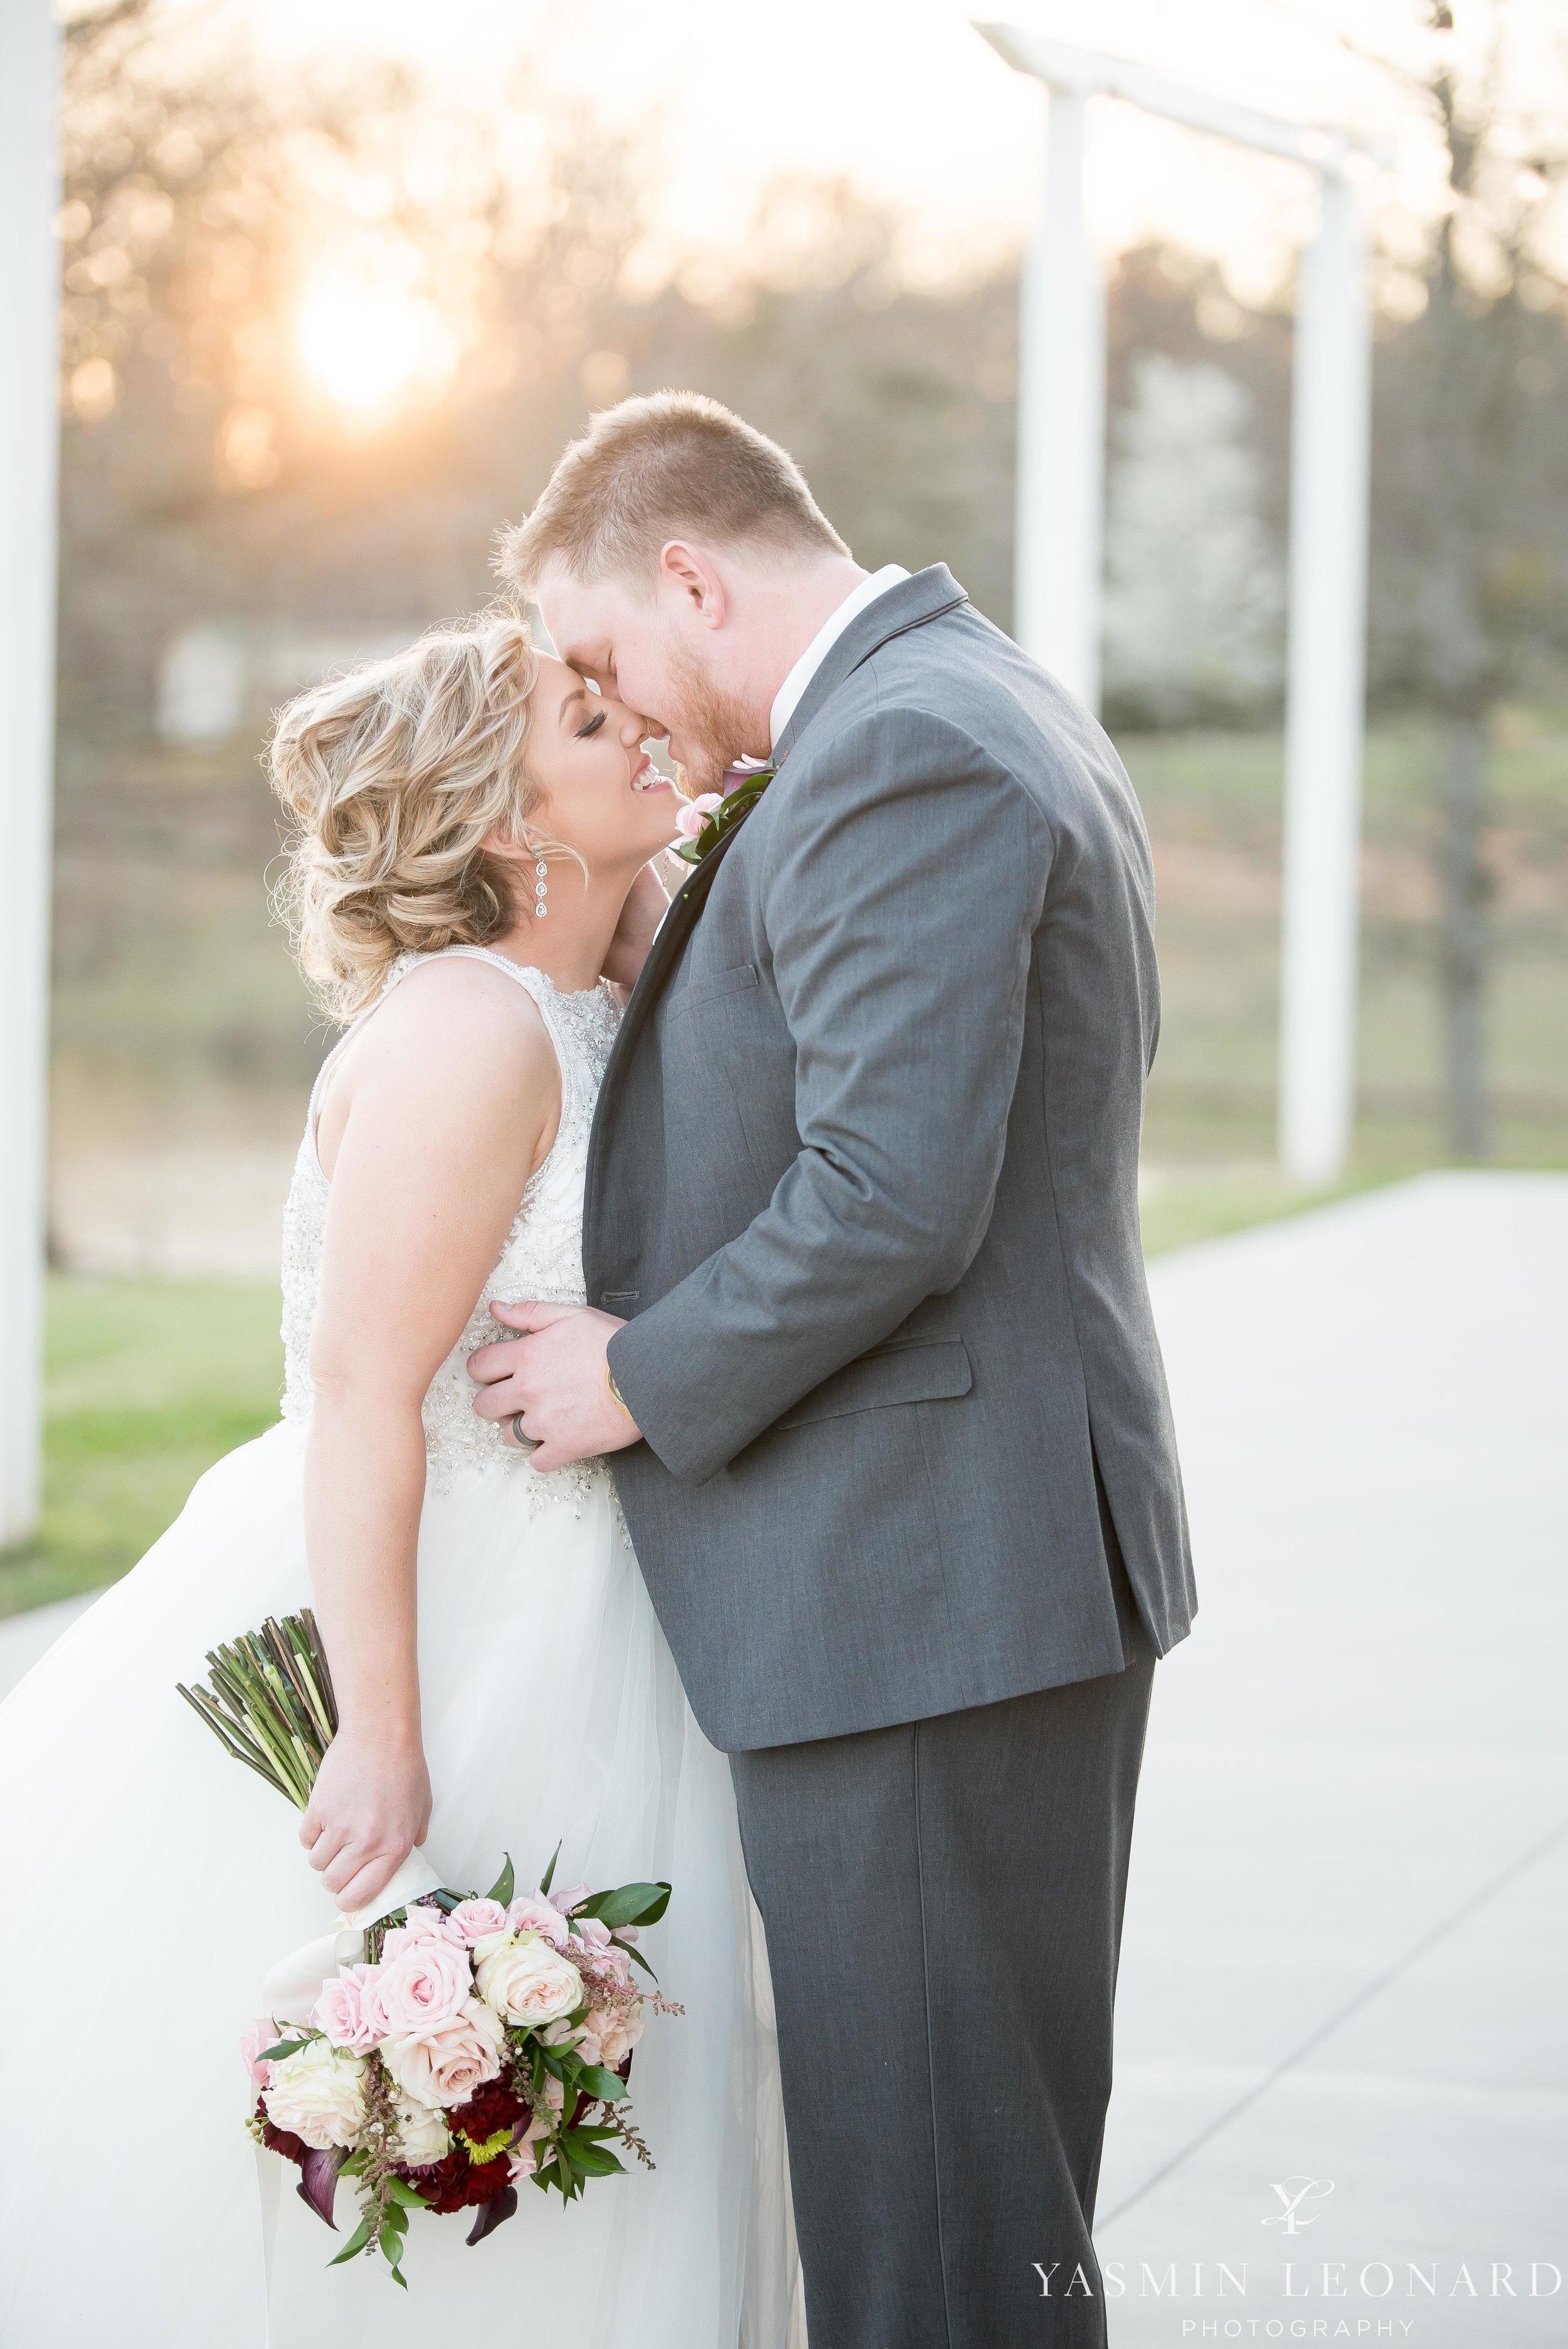 Millikan Farms - Millikan Farms Wedding - Sophia NC Wedding - NC Wedding - NC Wedding Photographer - Yasmin Leonard Photography - High Point Photographer - Barn Wedding - Wedding Venues in NC - Triad Wedding Photographer-61.jpg